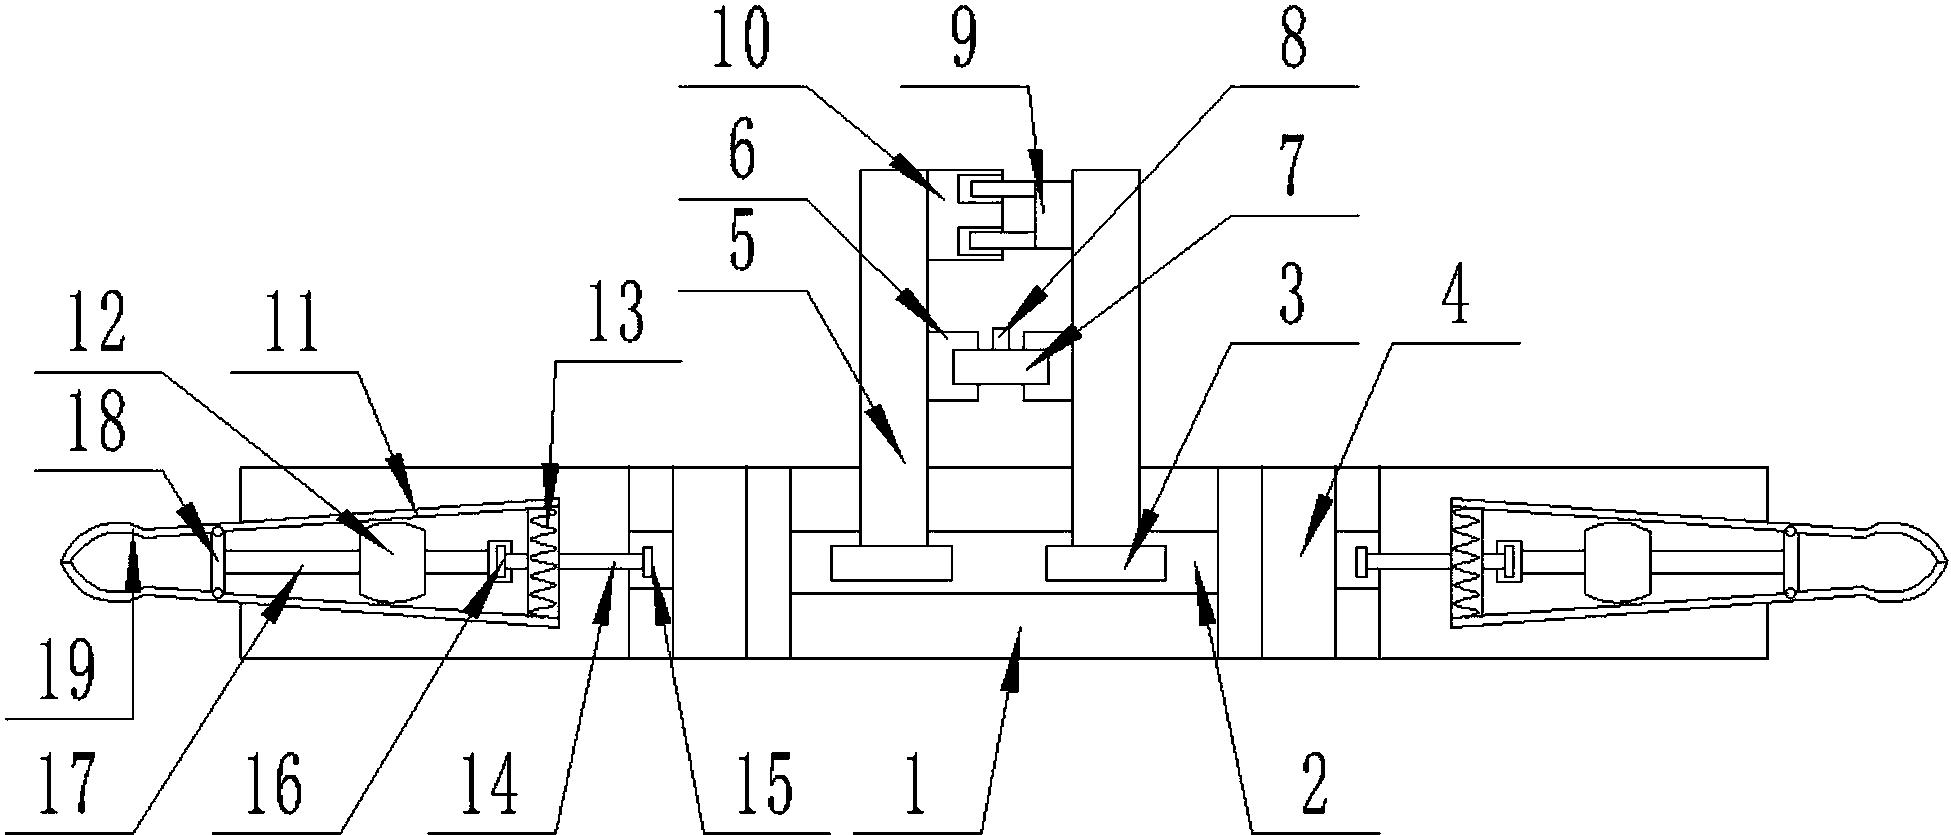 cn107939036a_一种建筑施工用吊篮辅助稳定装置在审